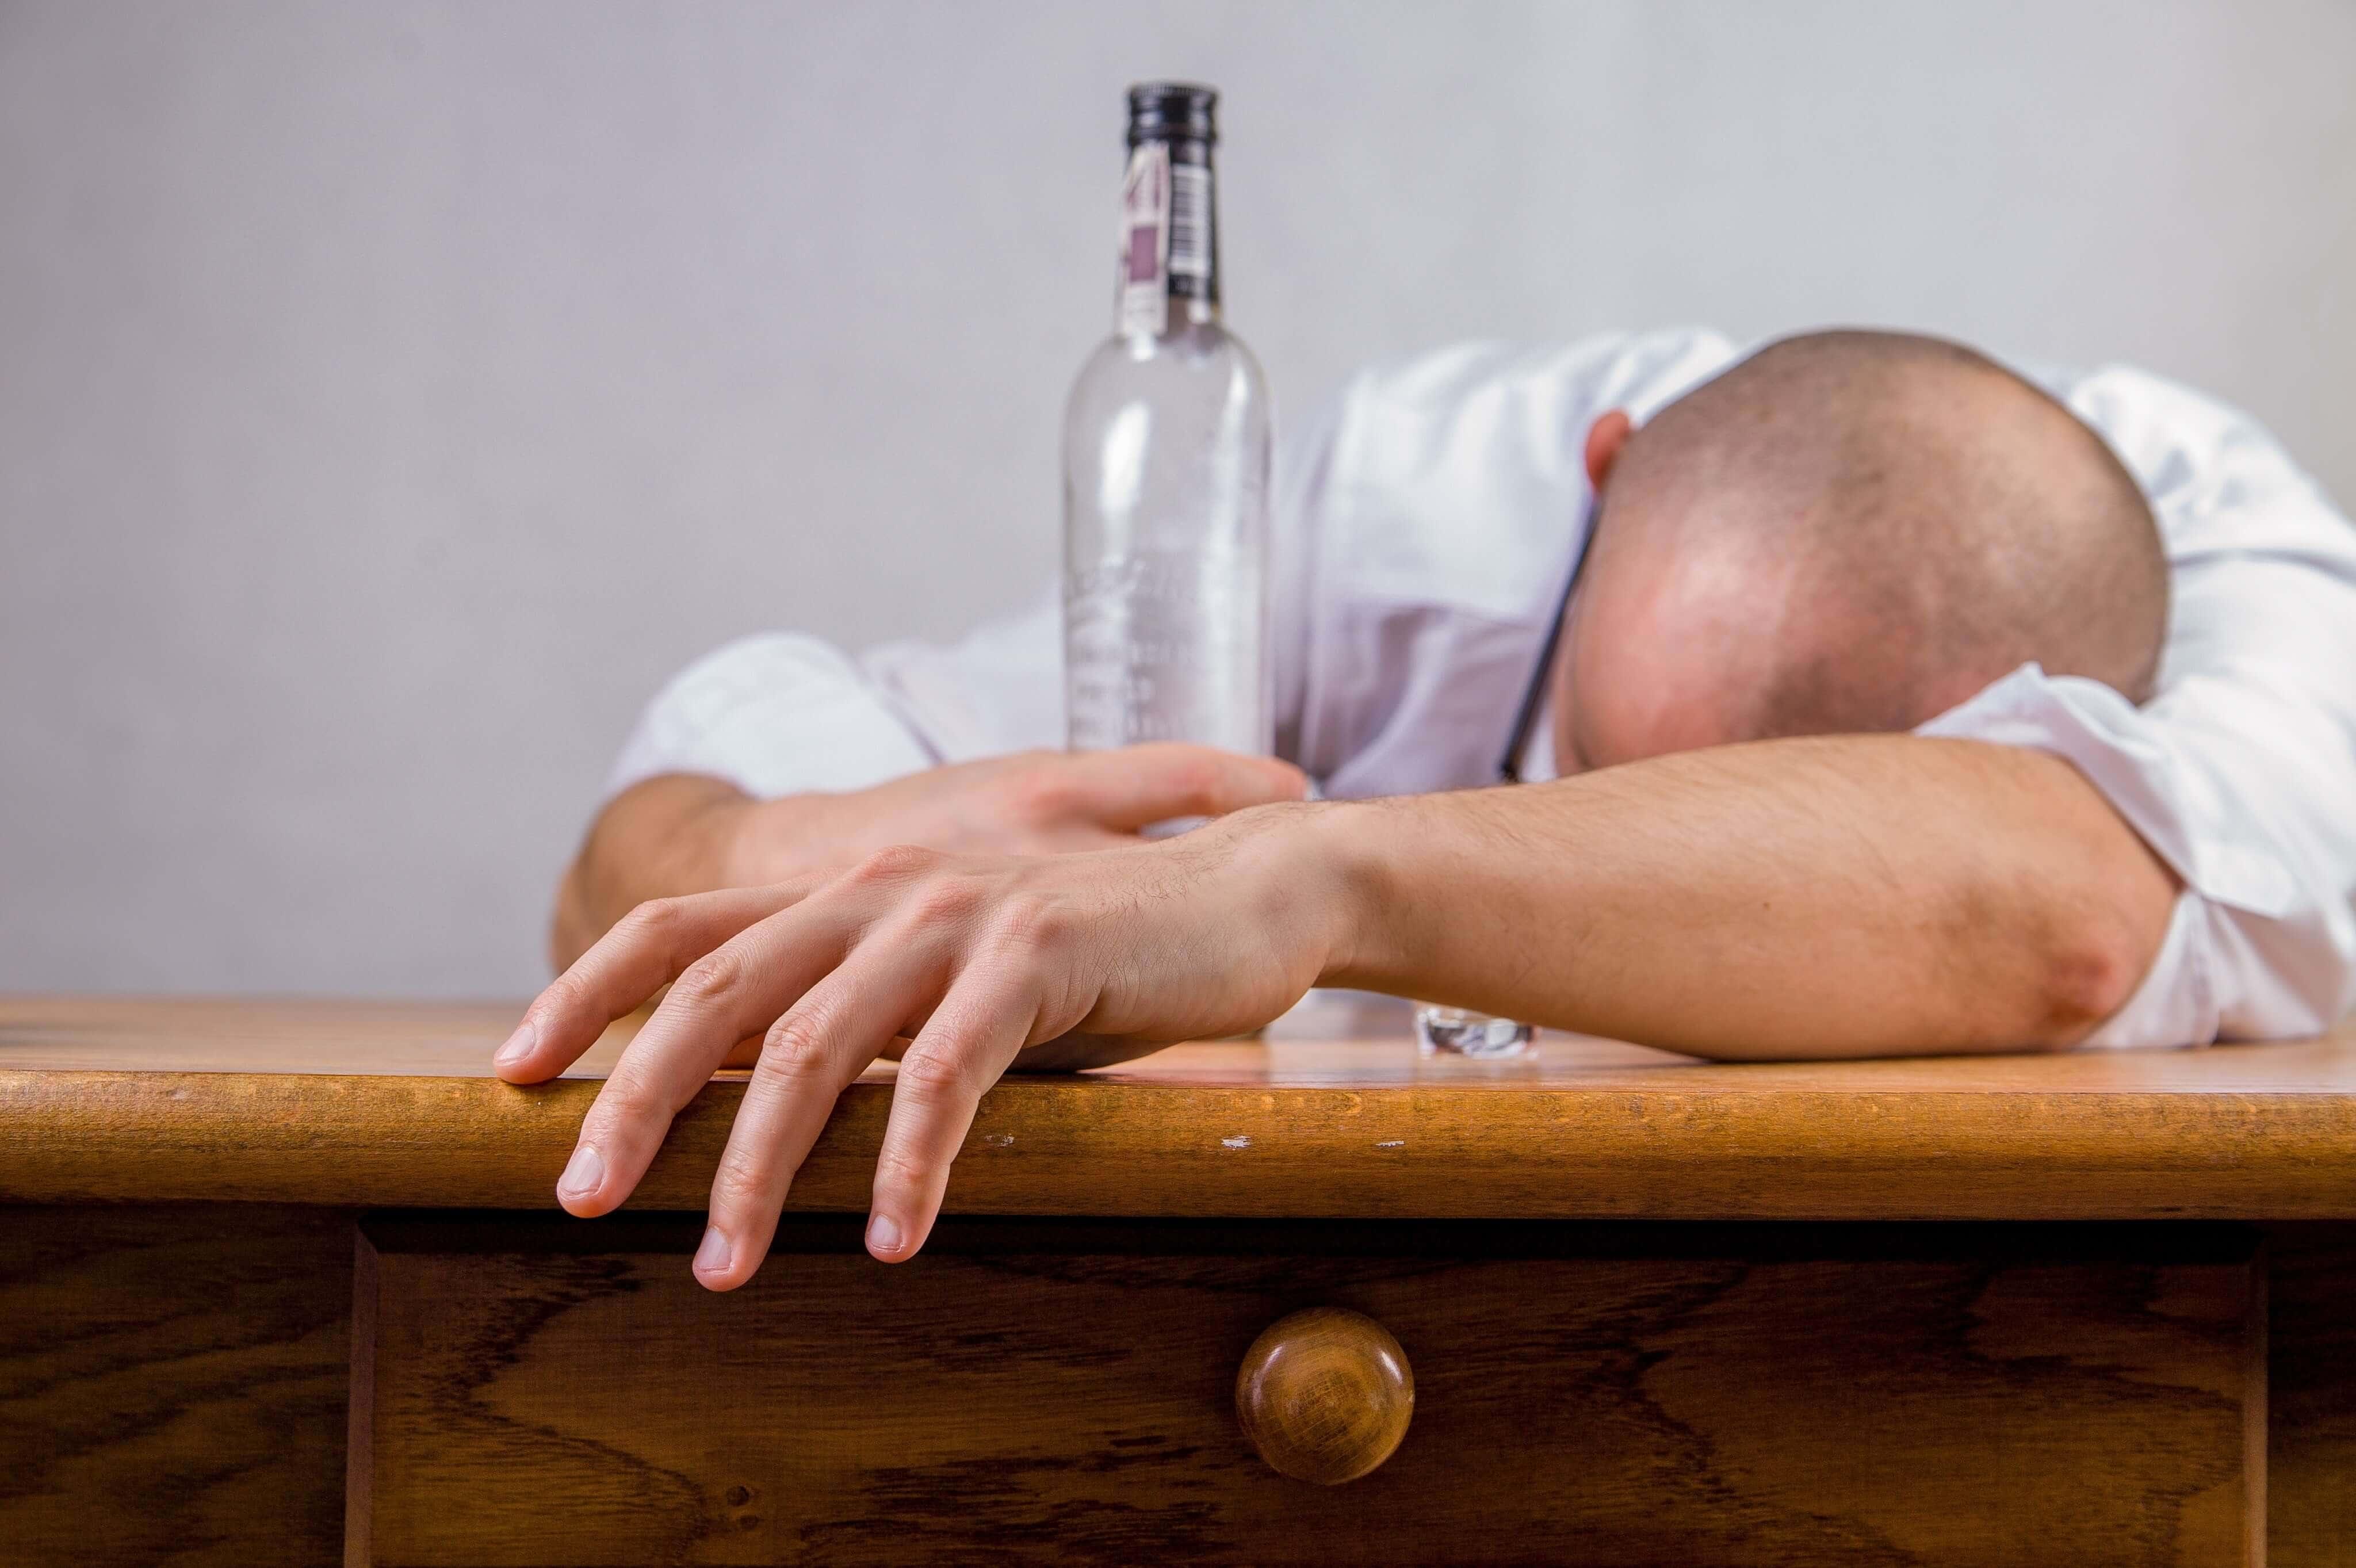 hangover days